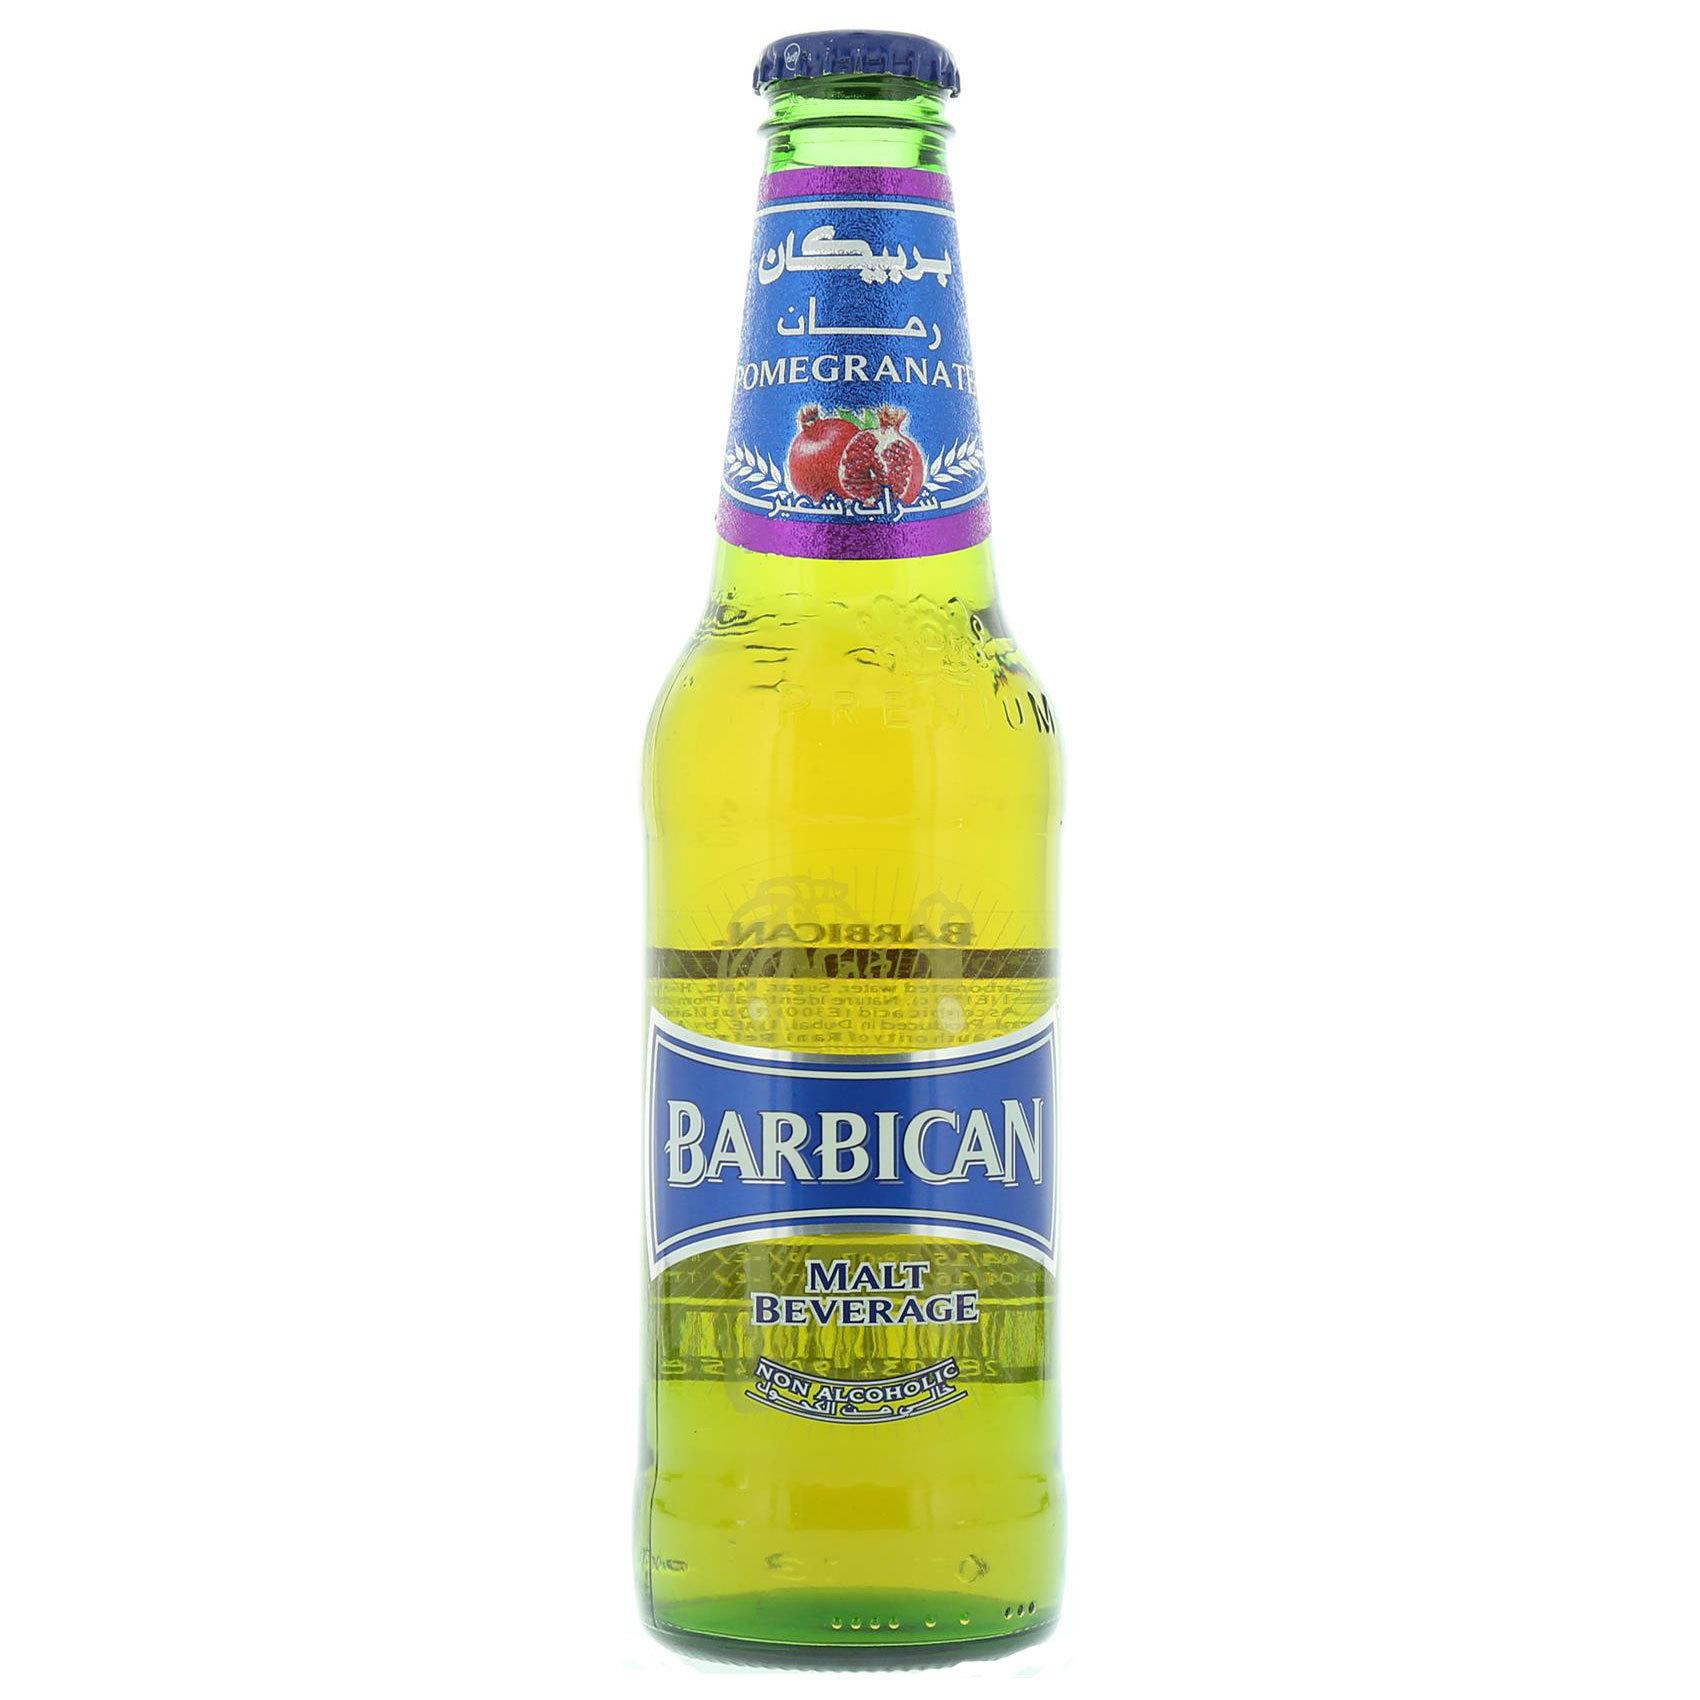 BARBICAN POMEGRANATE 330ML